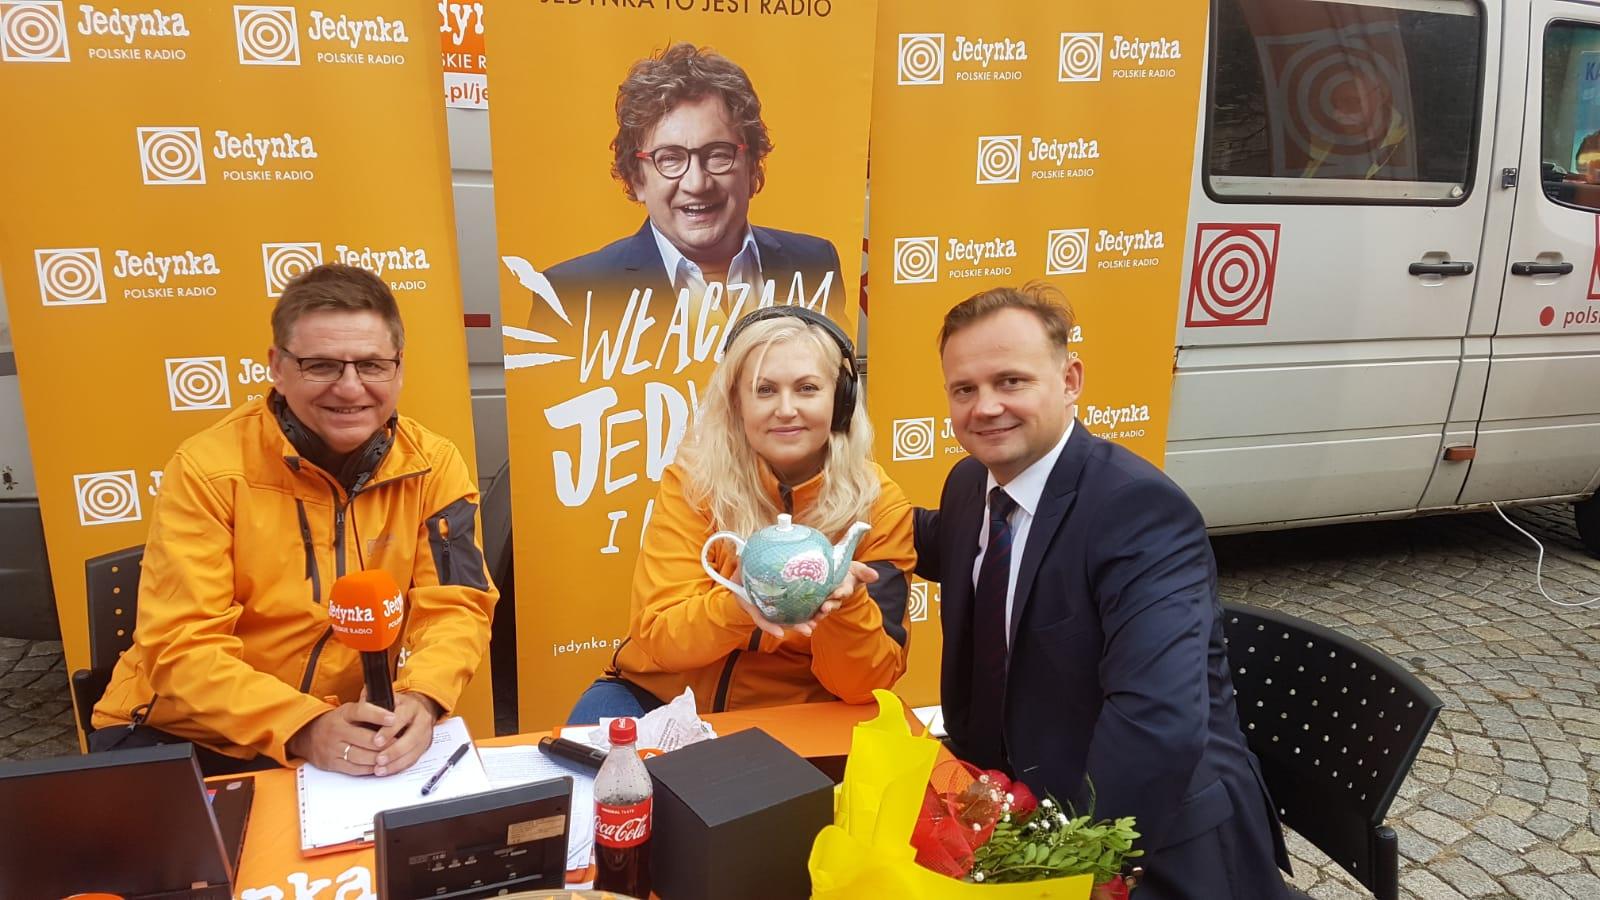 Andrzej Panas, audycja w radiu Jedynka, 19.10.2019 (1)